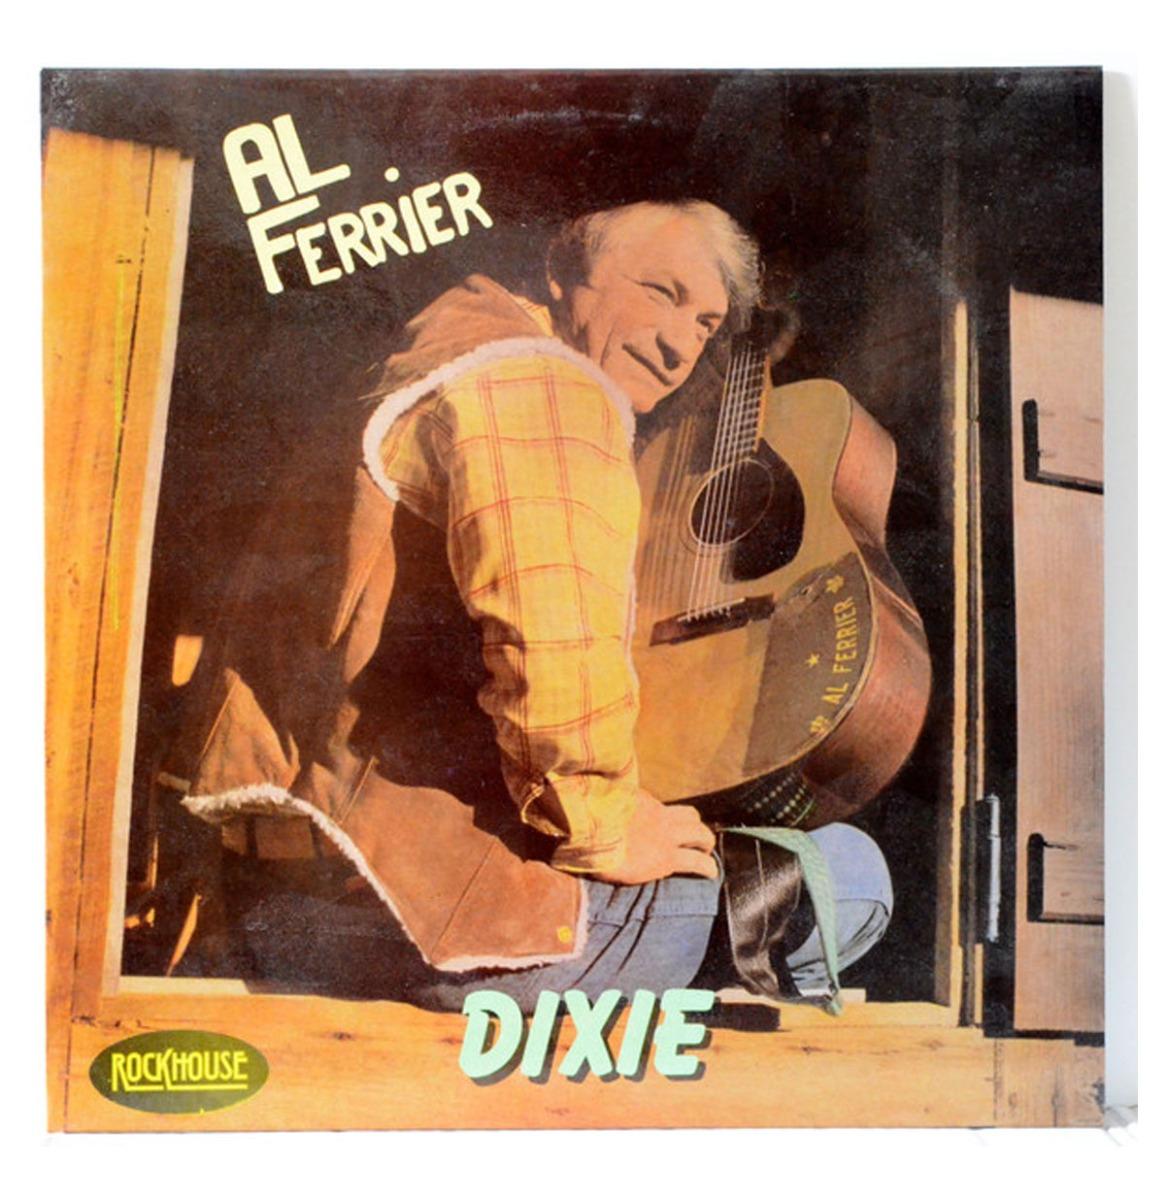 Al Ferrier - Dixie LP